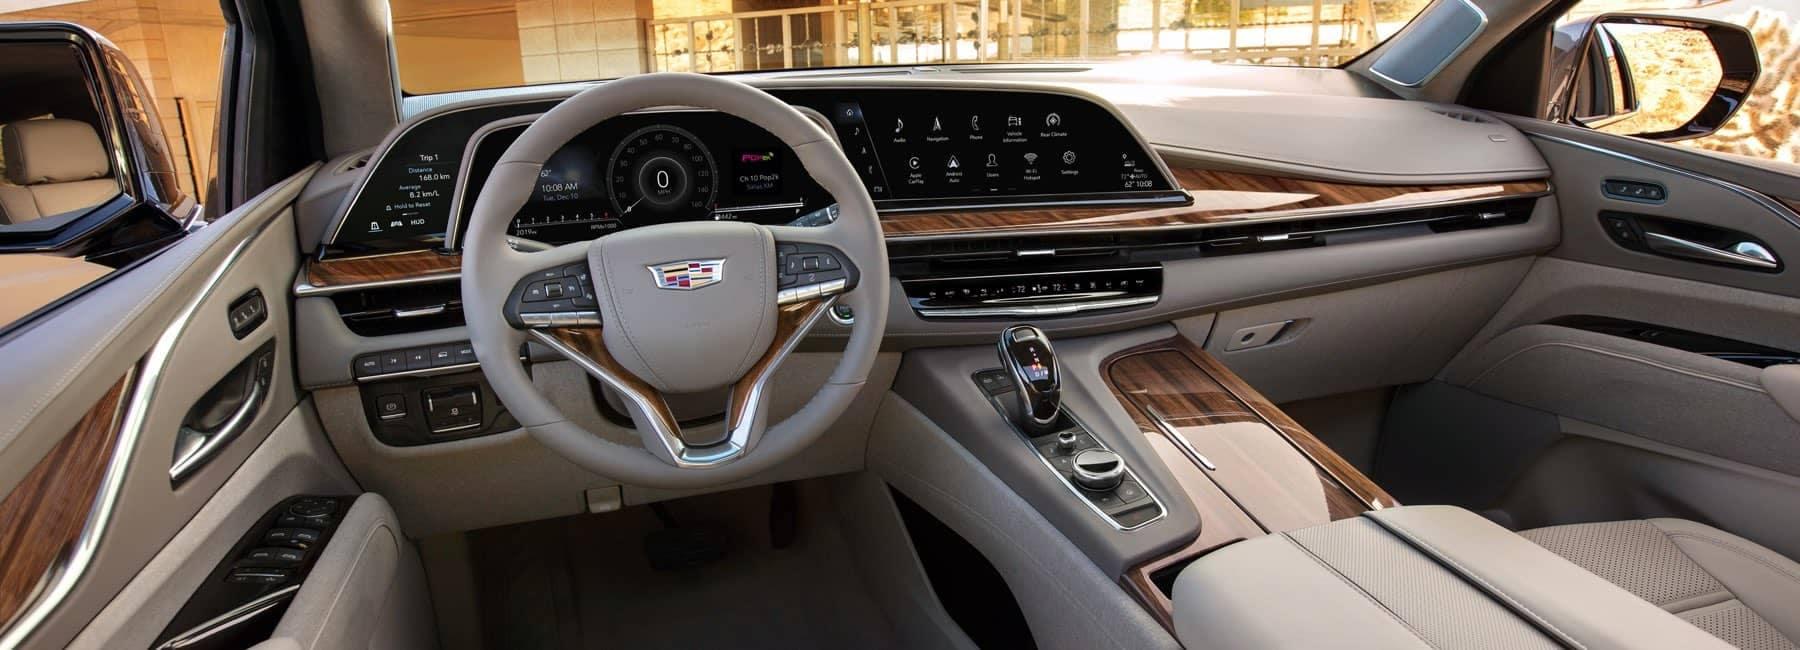 2021 Cadillac Escalade front interior cabin